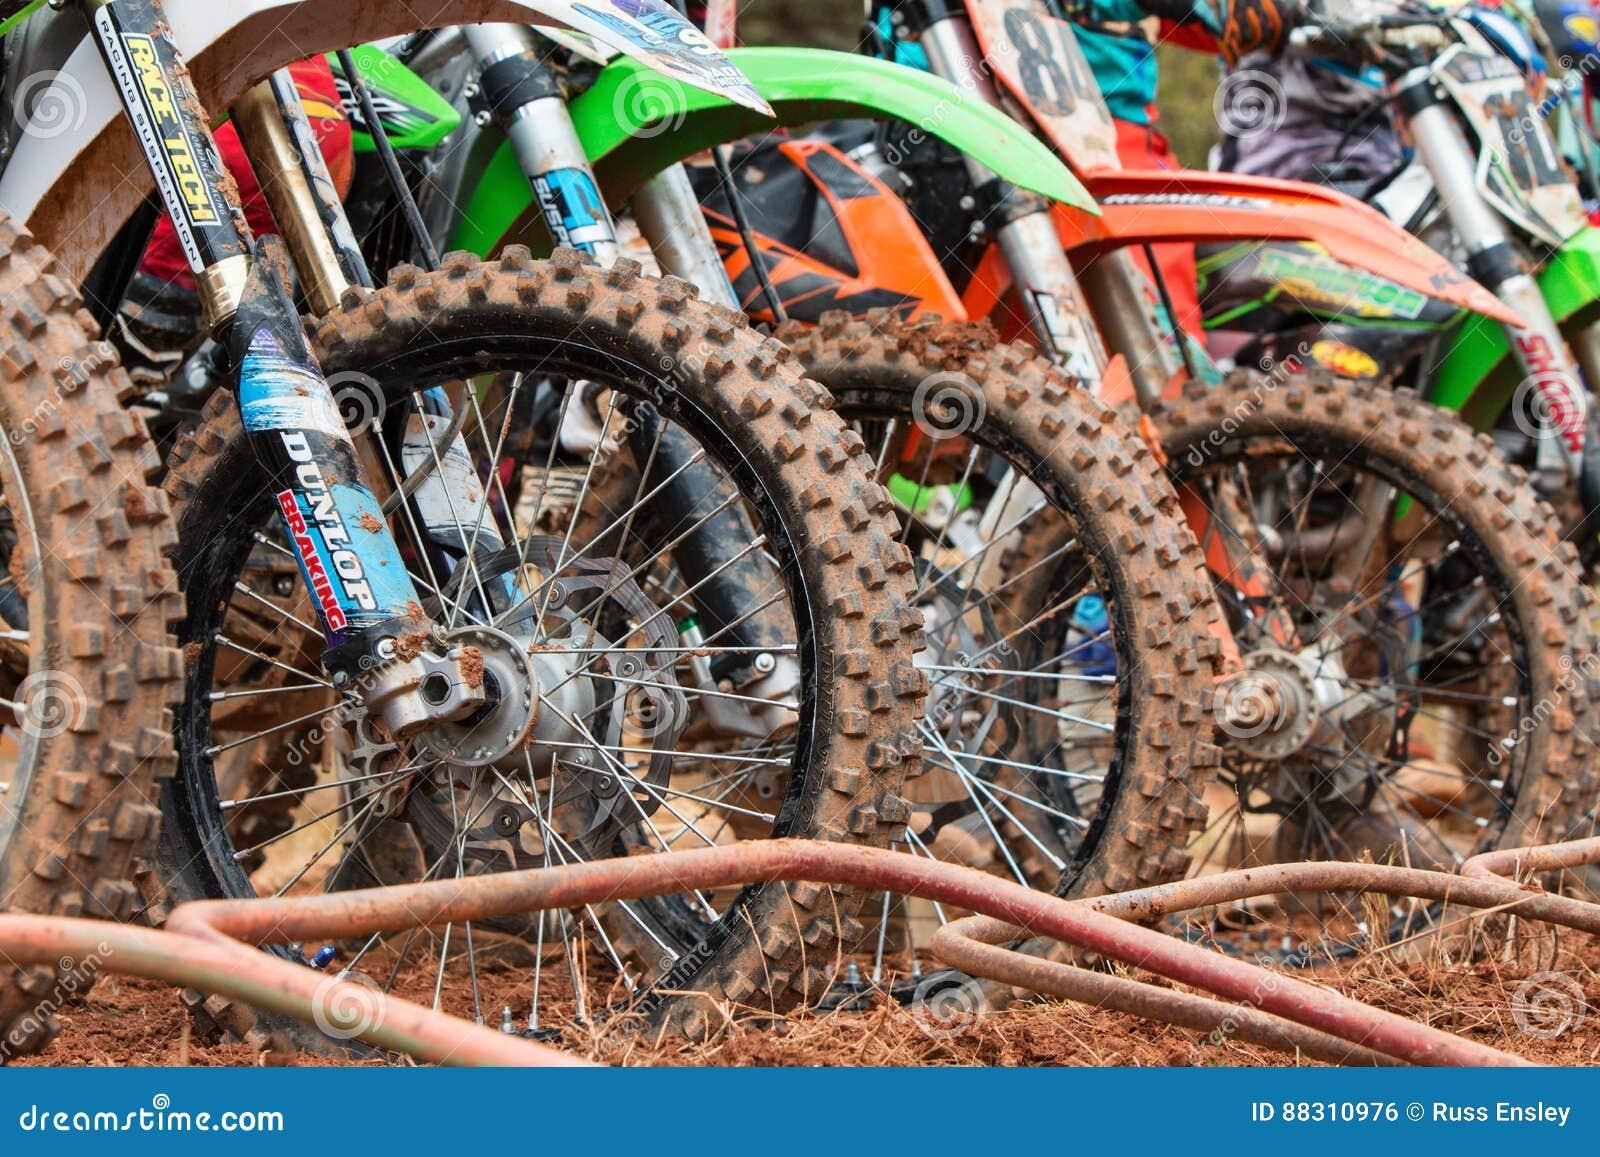 Dirt Bike Tires Lined Up At Start Of Motocross Race